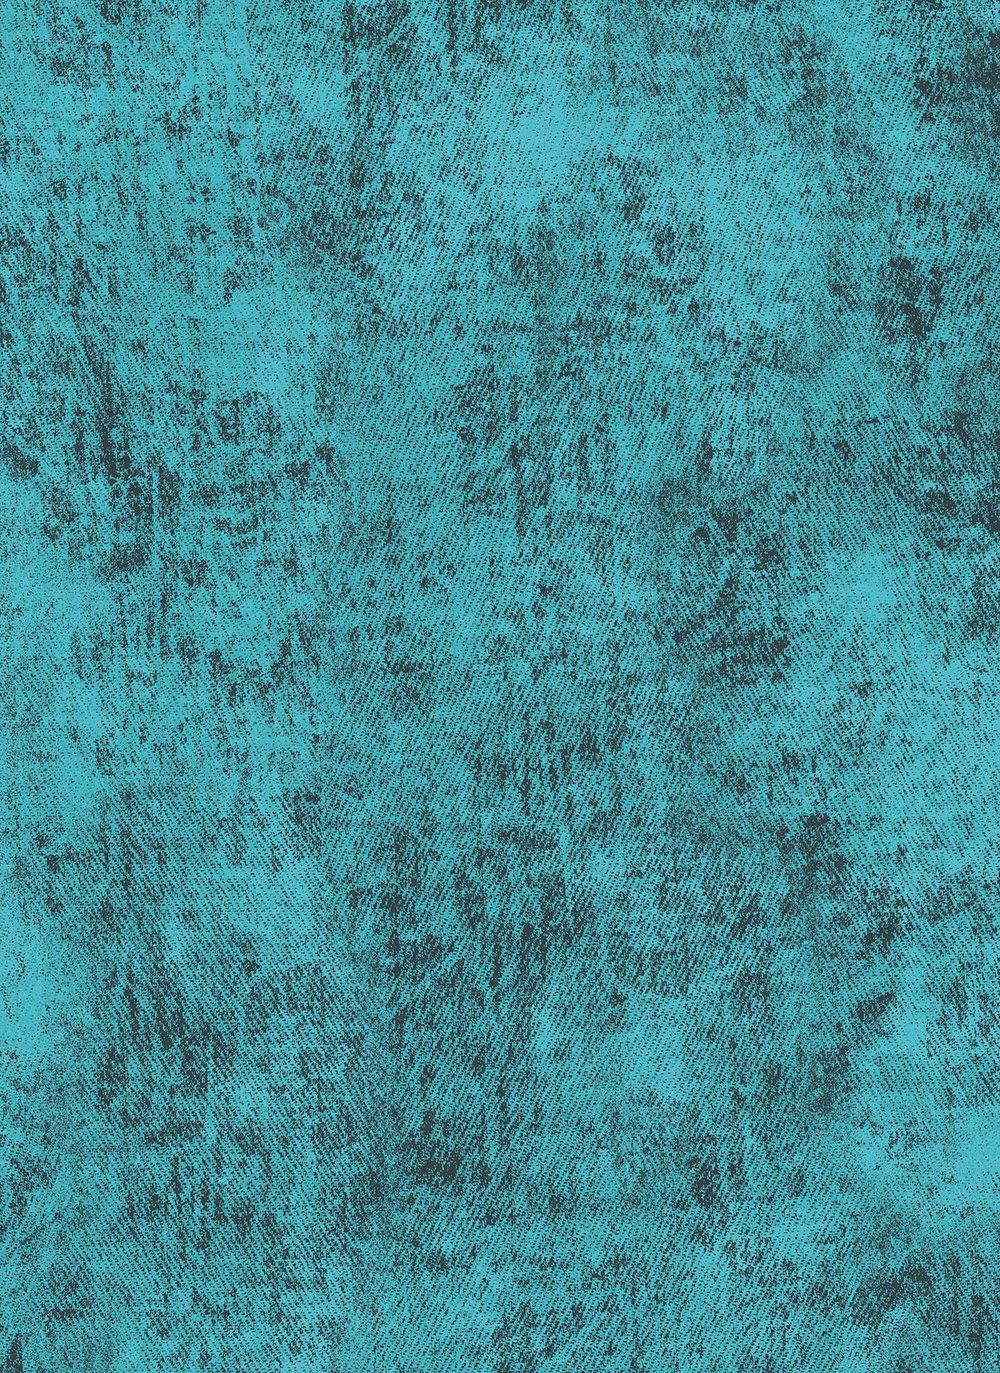 3212-010 Turquoise